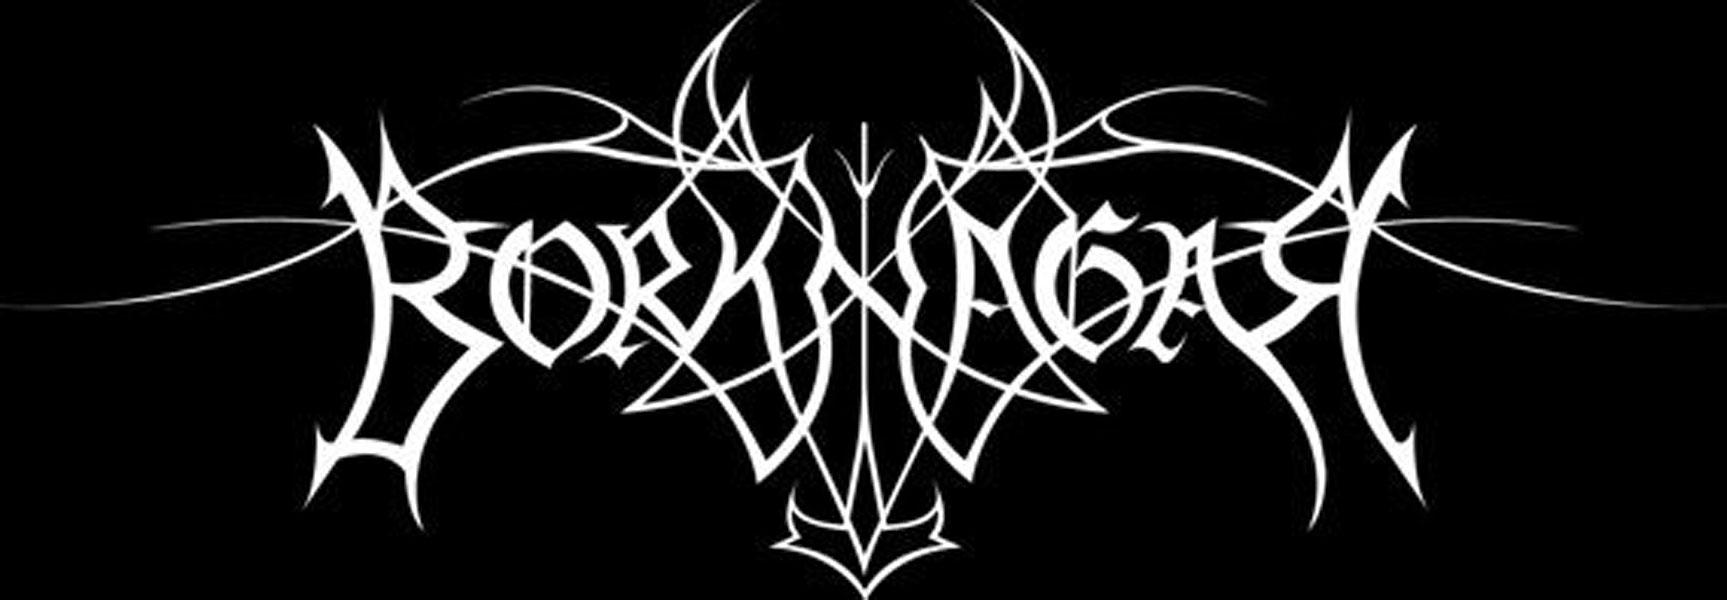 31 illegible black metal band logos nme rh nme com metal band logo maker free download metal band logo maker free download